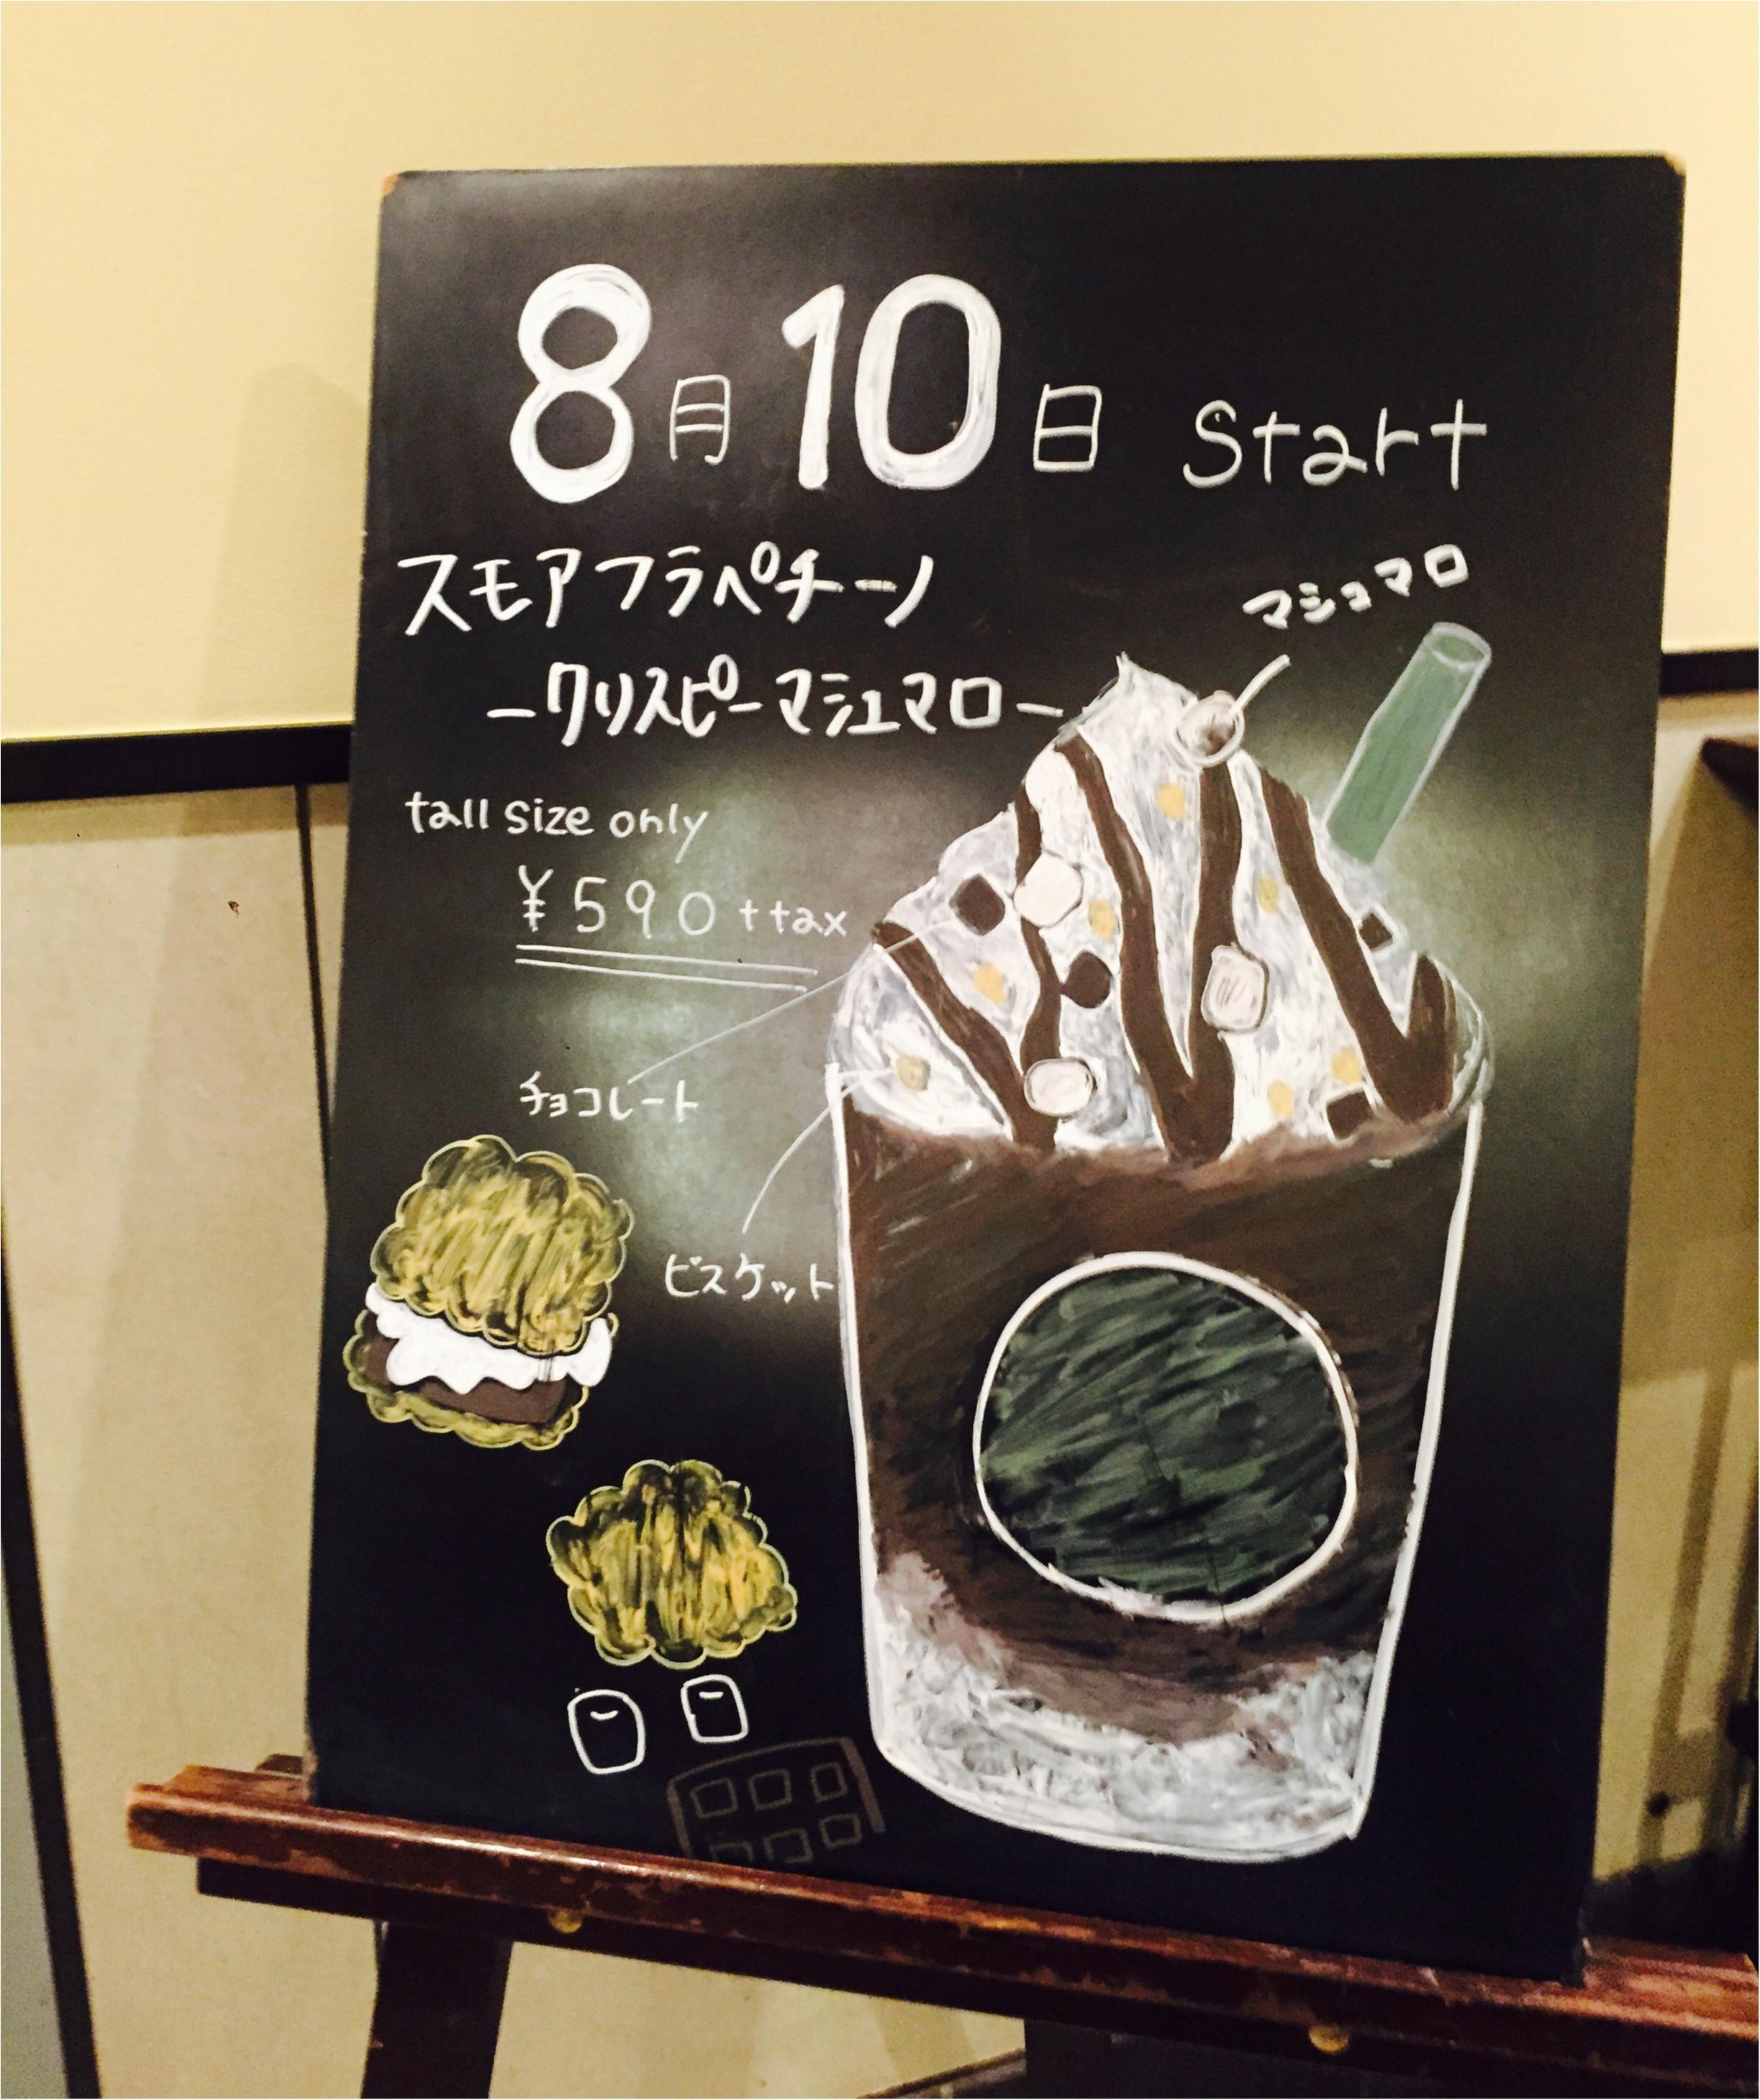 【8/10発売♡】スモアフラペチーノは濃厚なのにさっぱり系ドリンク!_1